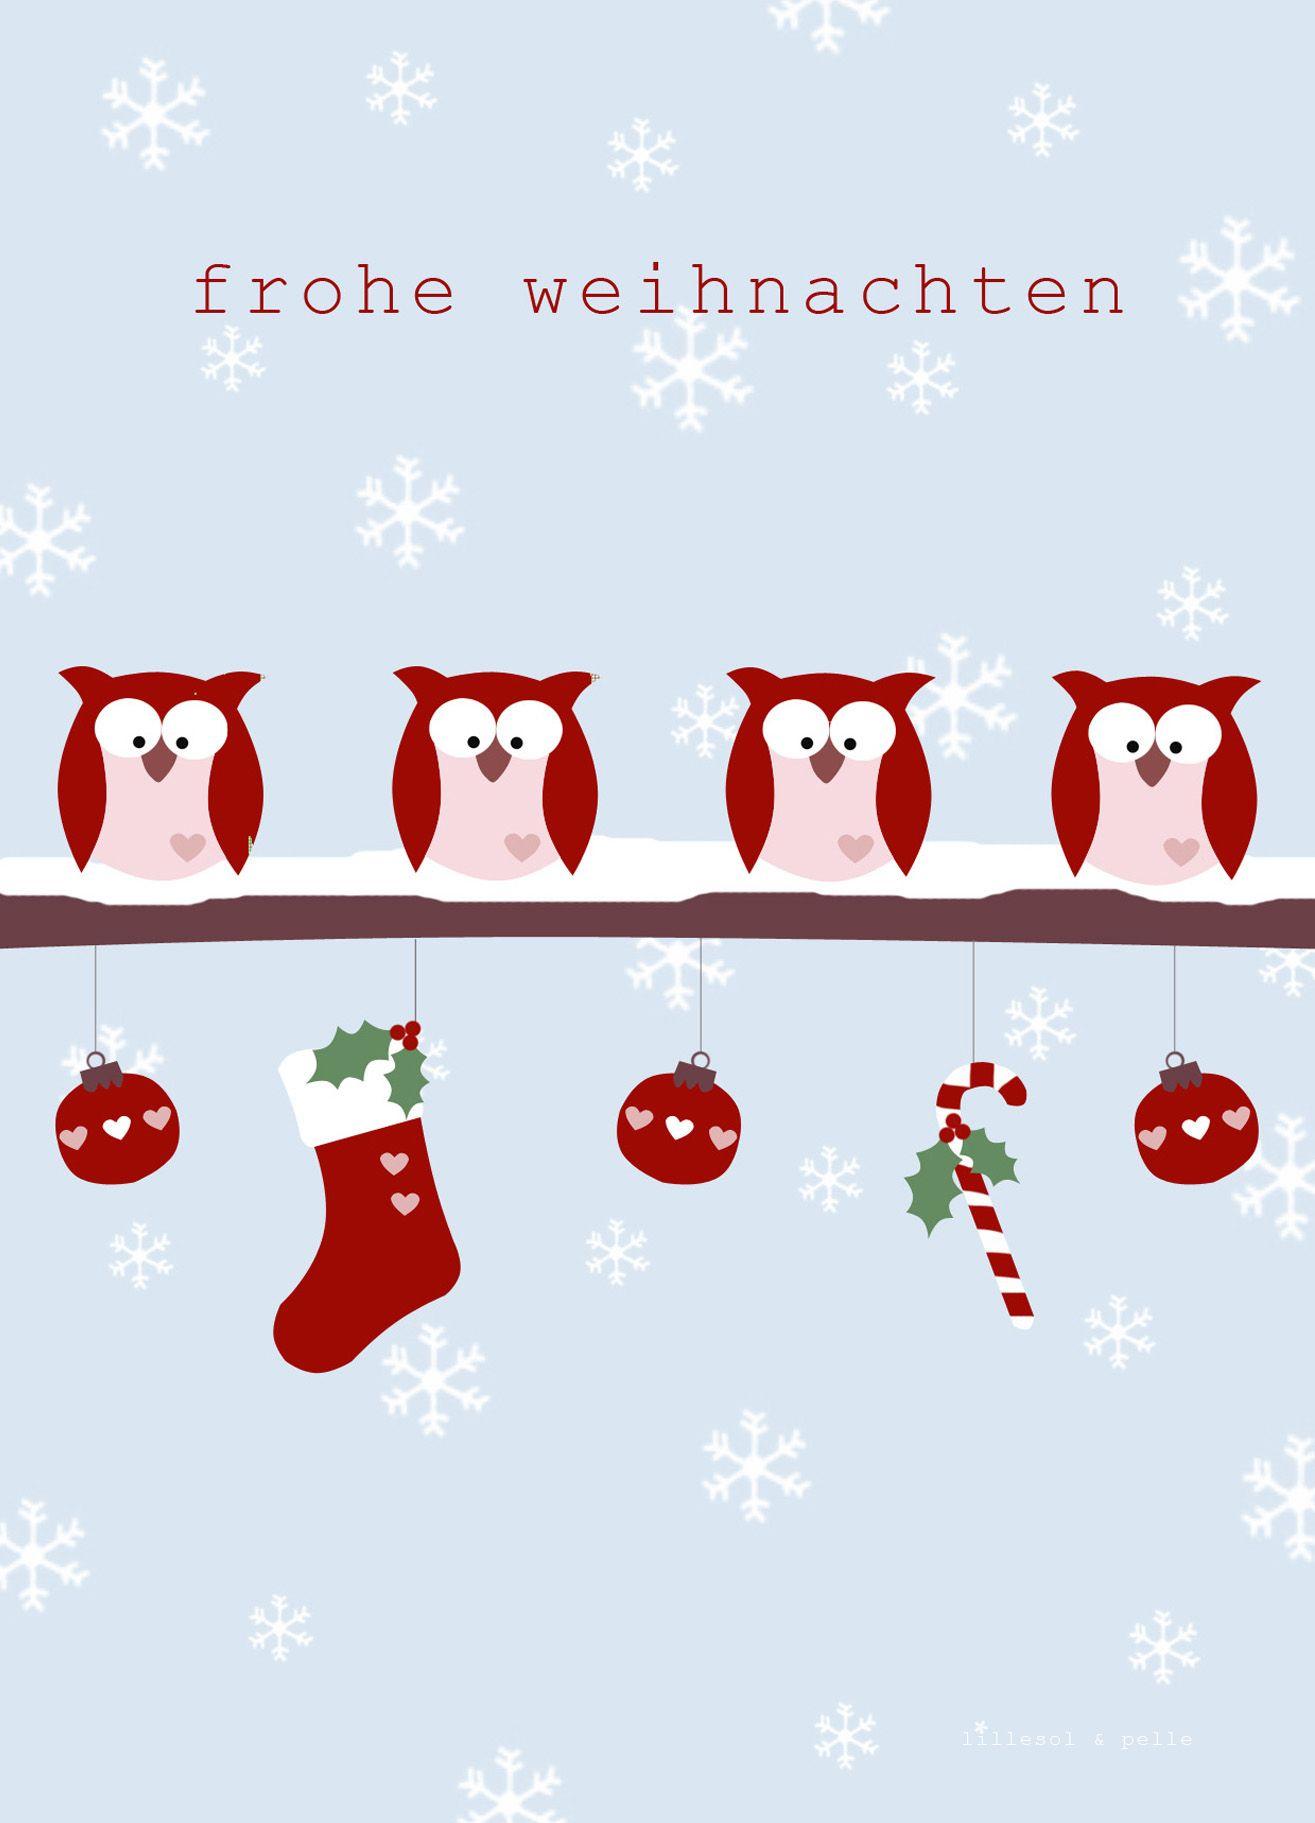 Weihnachtspostkarten Als Freebie Zum Ausdrucken Für Euch innen Weihnachtskarten Zum Drucken Kostenlos